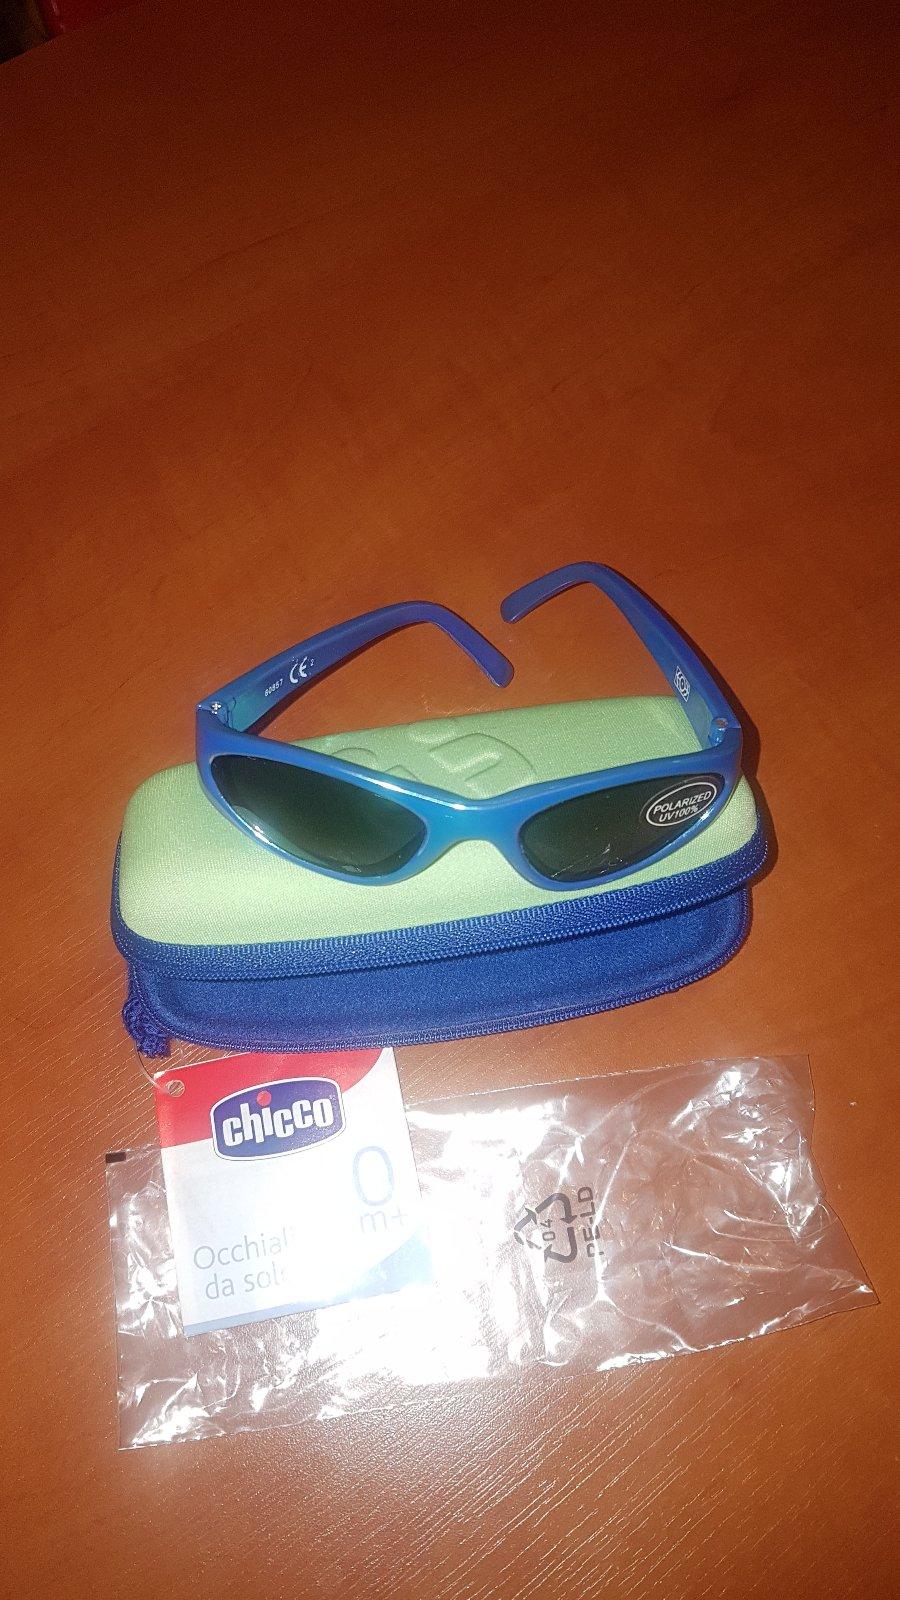 9a1177559 Prajem krásny deň a možno aj príjemný nákup :-) Detské slnečné okuliare  chicco,